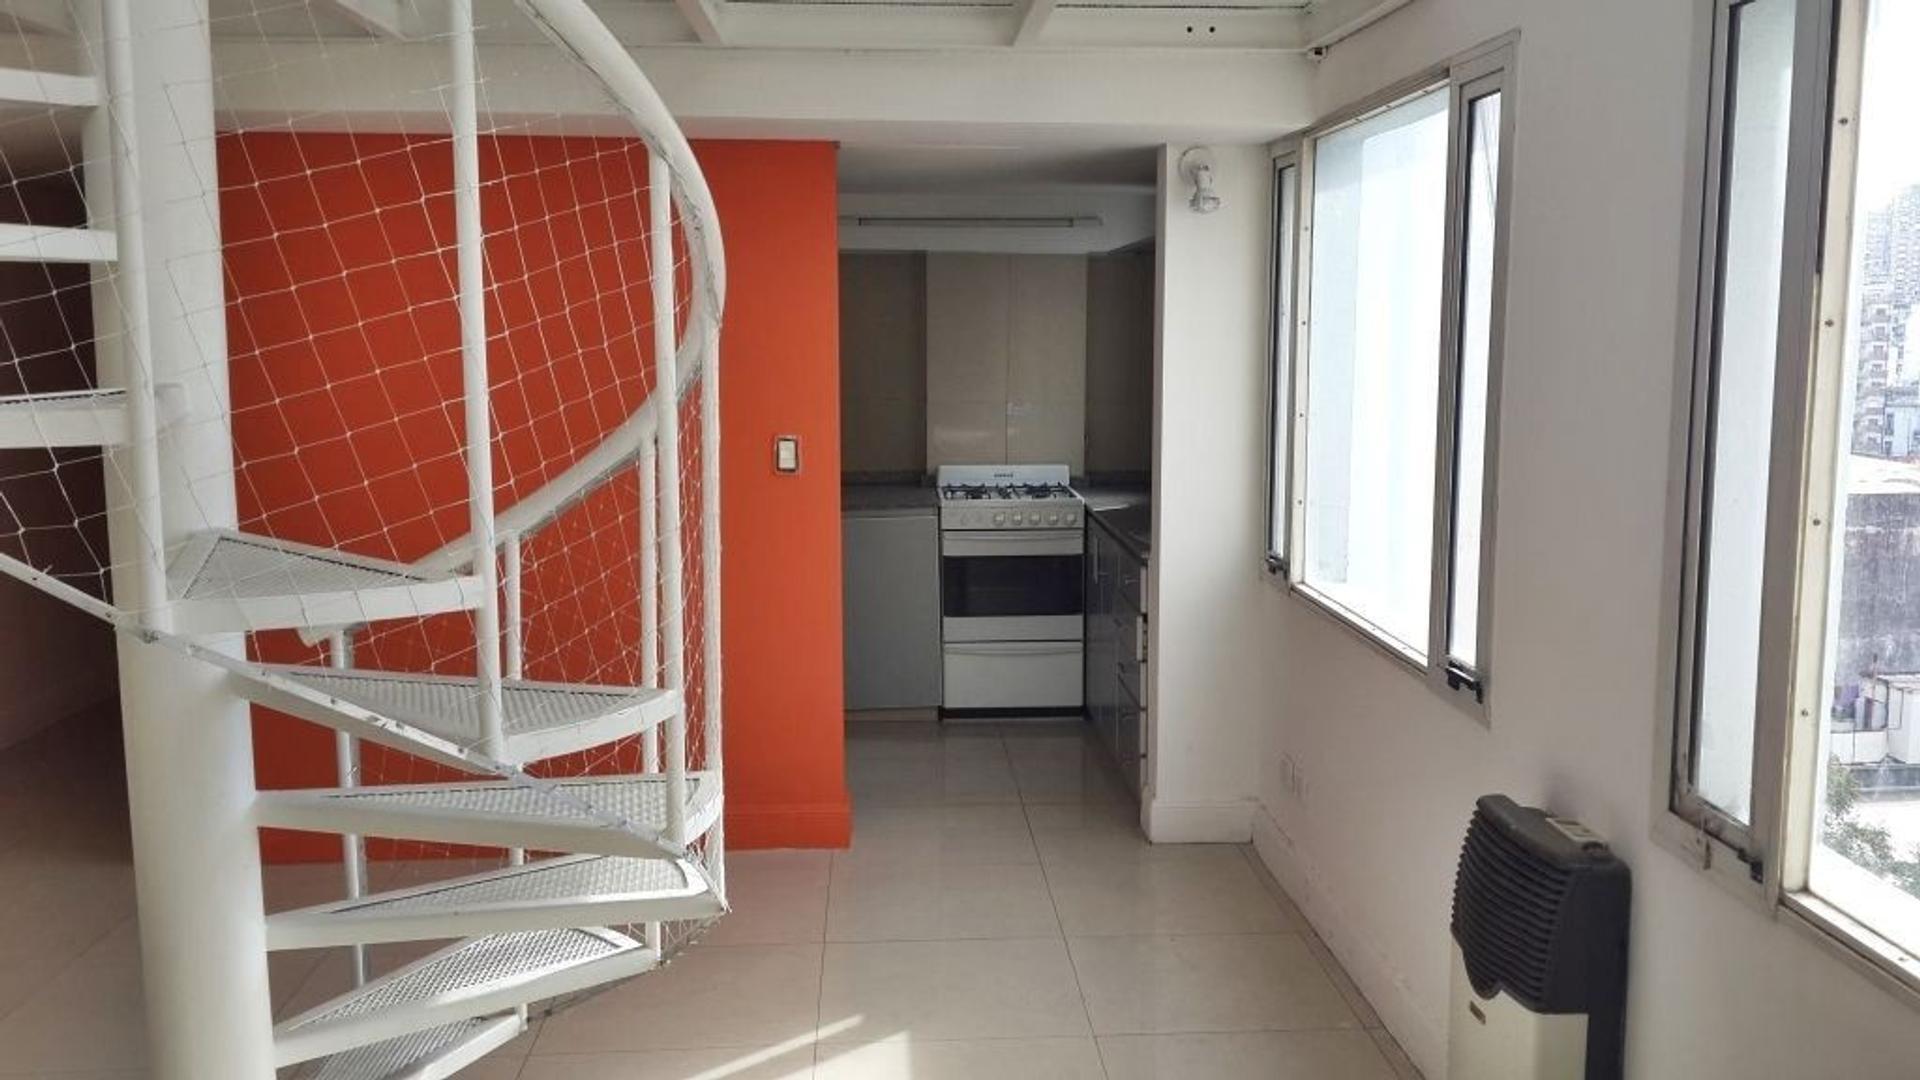 Departamento Semipiso  en Venta ubicado en Almagro, Capital Federal - CAB1163_LP120542_1